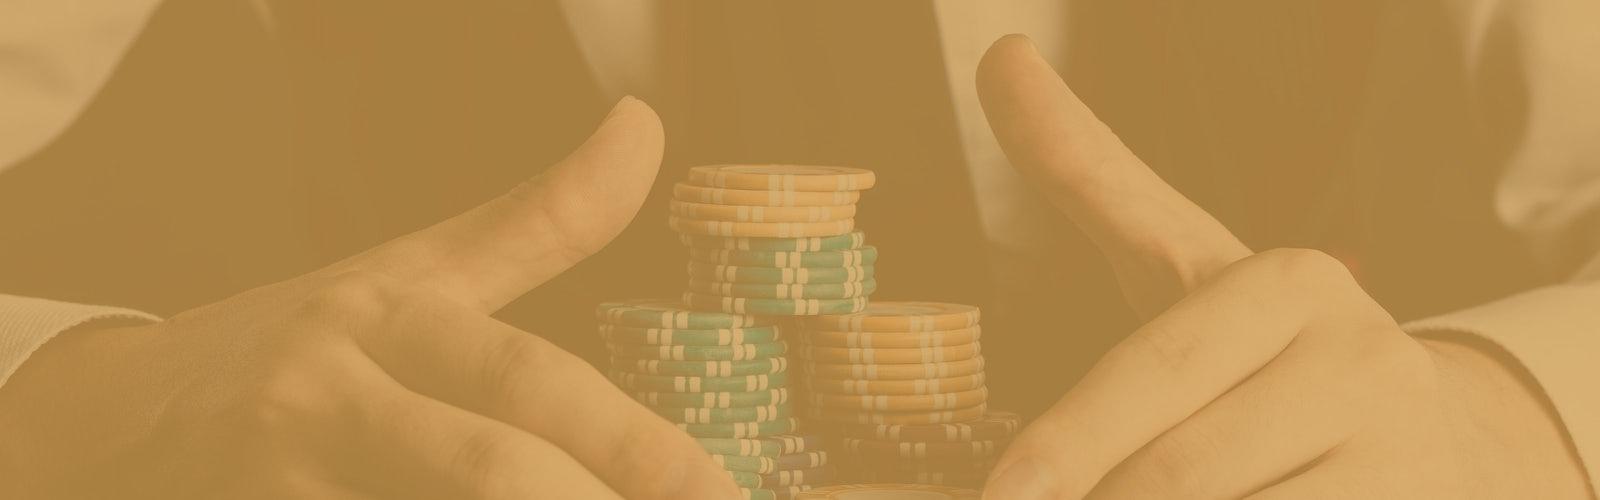 Online Casino Tournaments Header